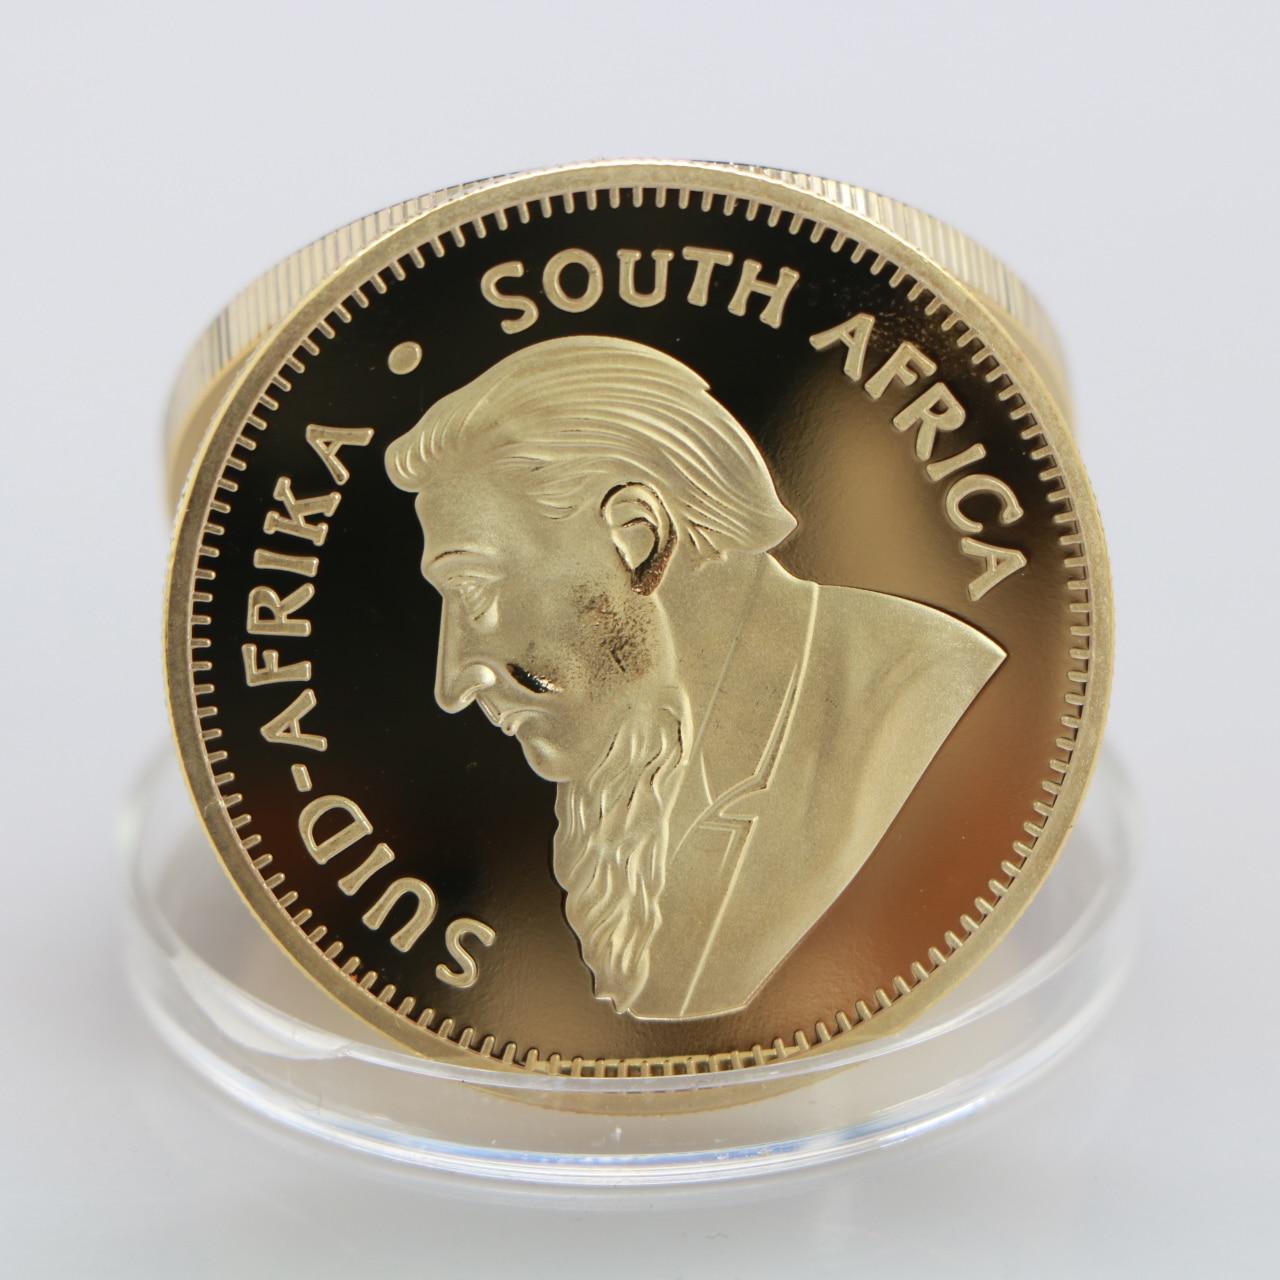 1967 keke 1967 S/üdafrika Saudi-Afrika Krugerrand 1OZ Goldm/ünze Paul Kruger///Value Collectible Coins